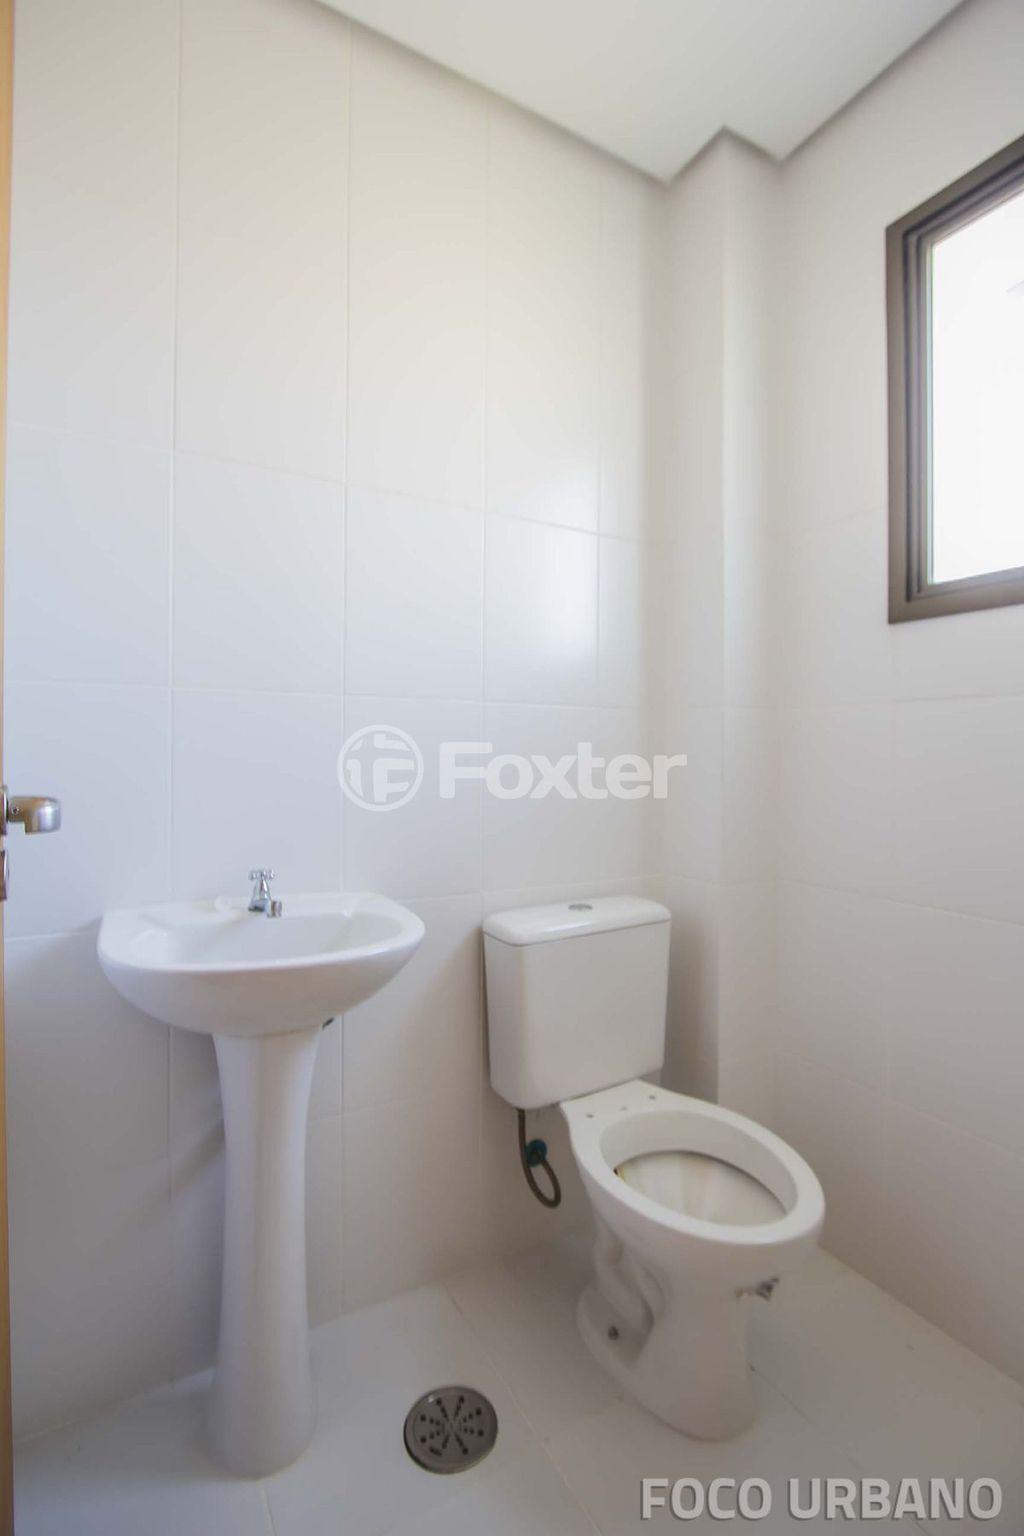 Foxter Imobiliária - Loja, Petrópolis (141267) - Foto 13